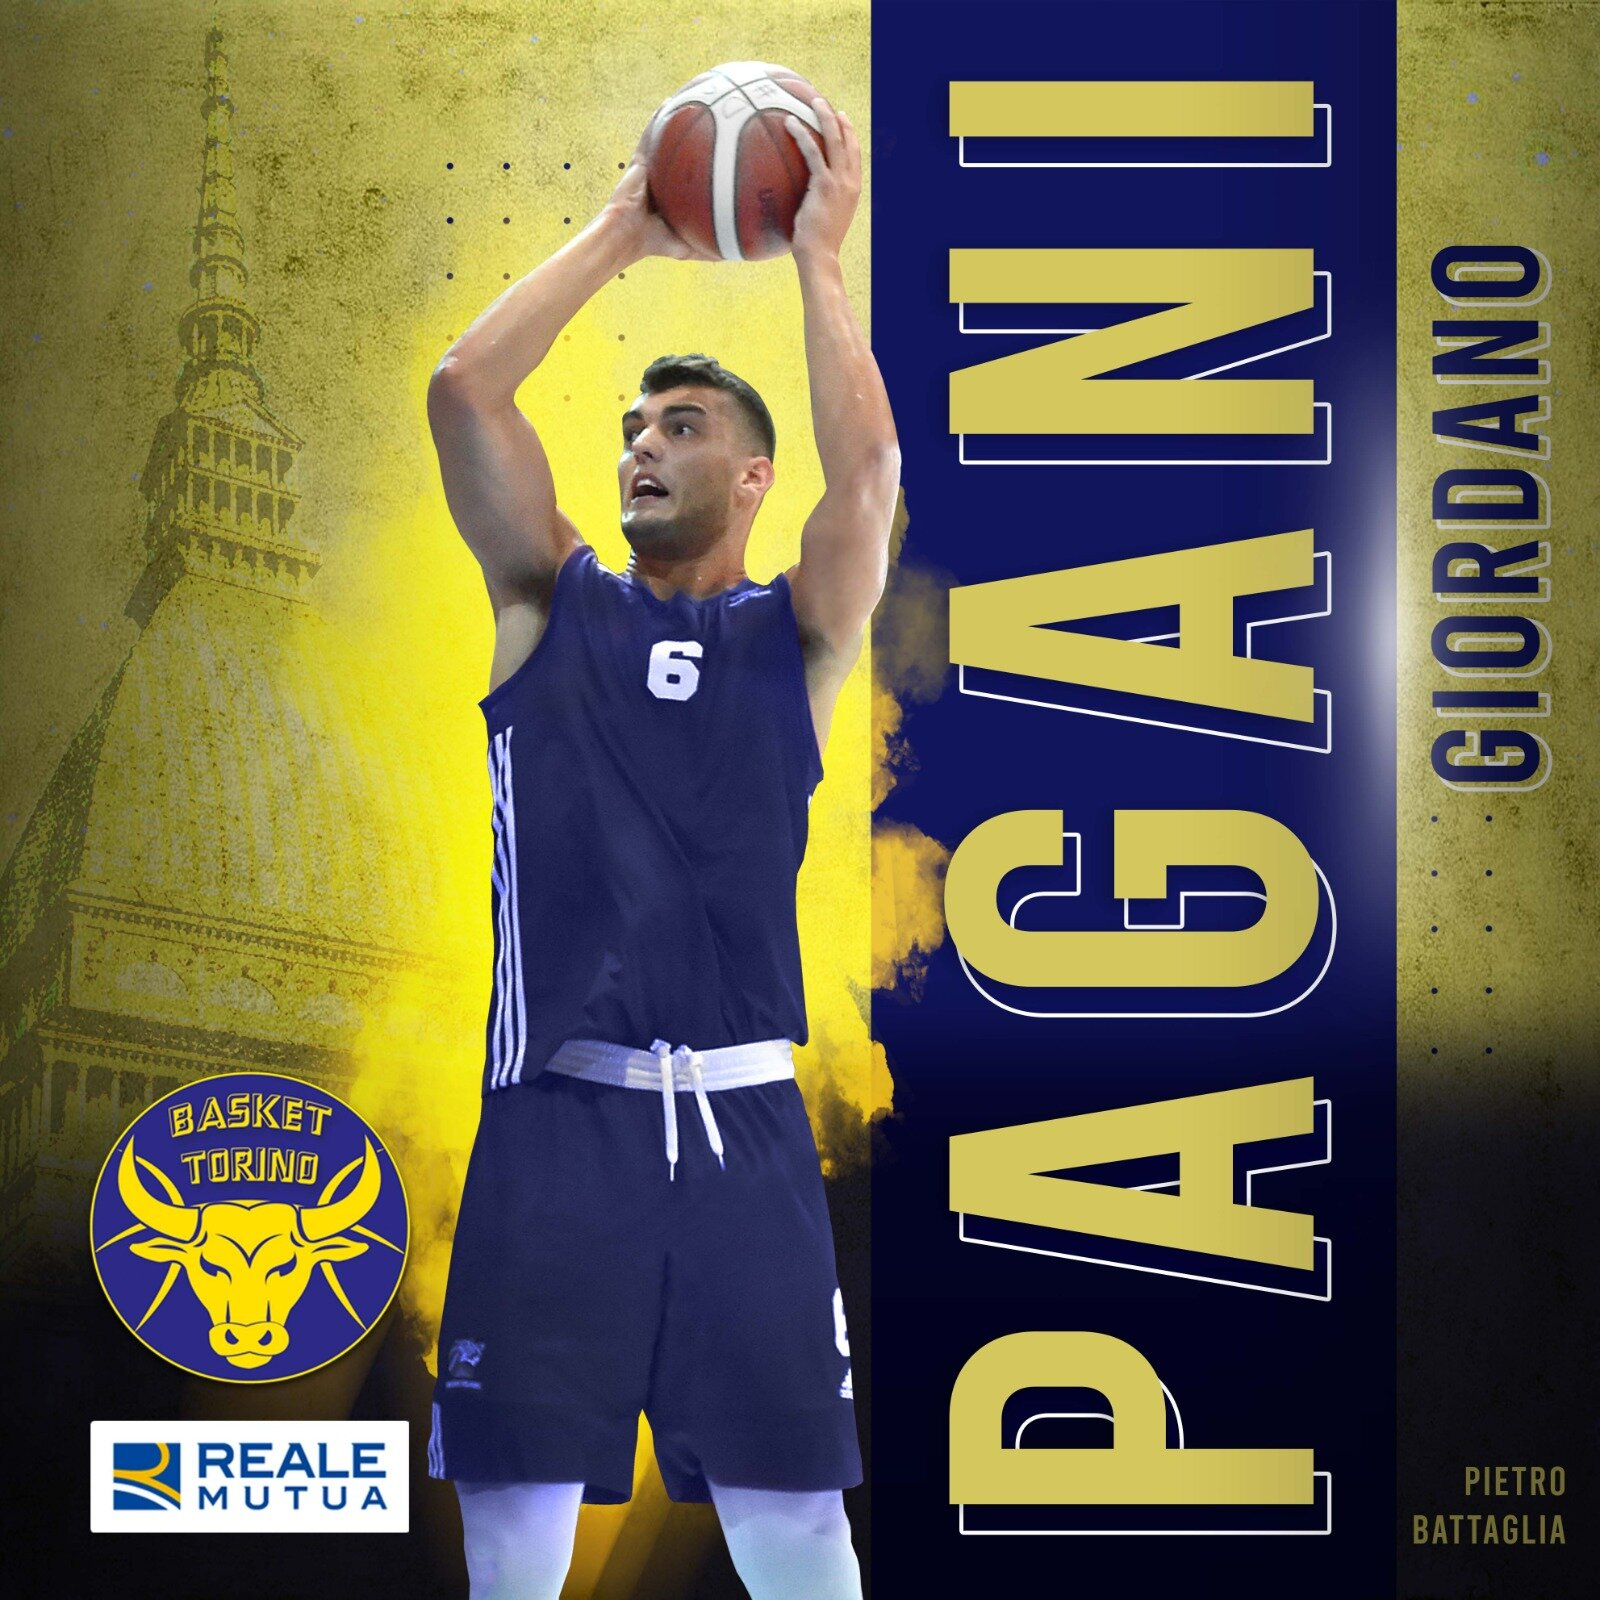 Ufficiale: Giordano Pagani firma alla Reale Mutua Basket Torino